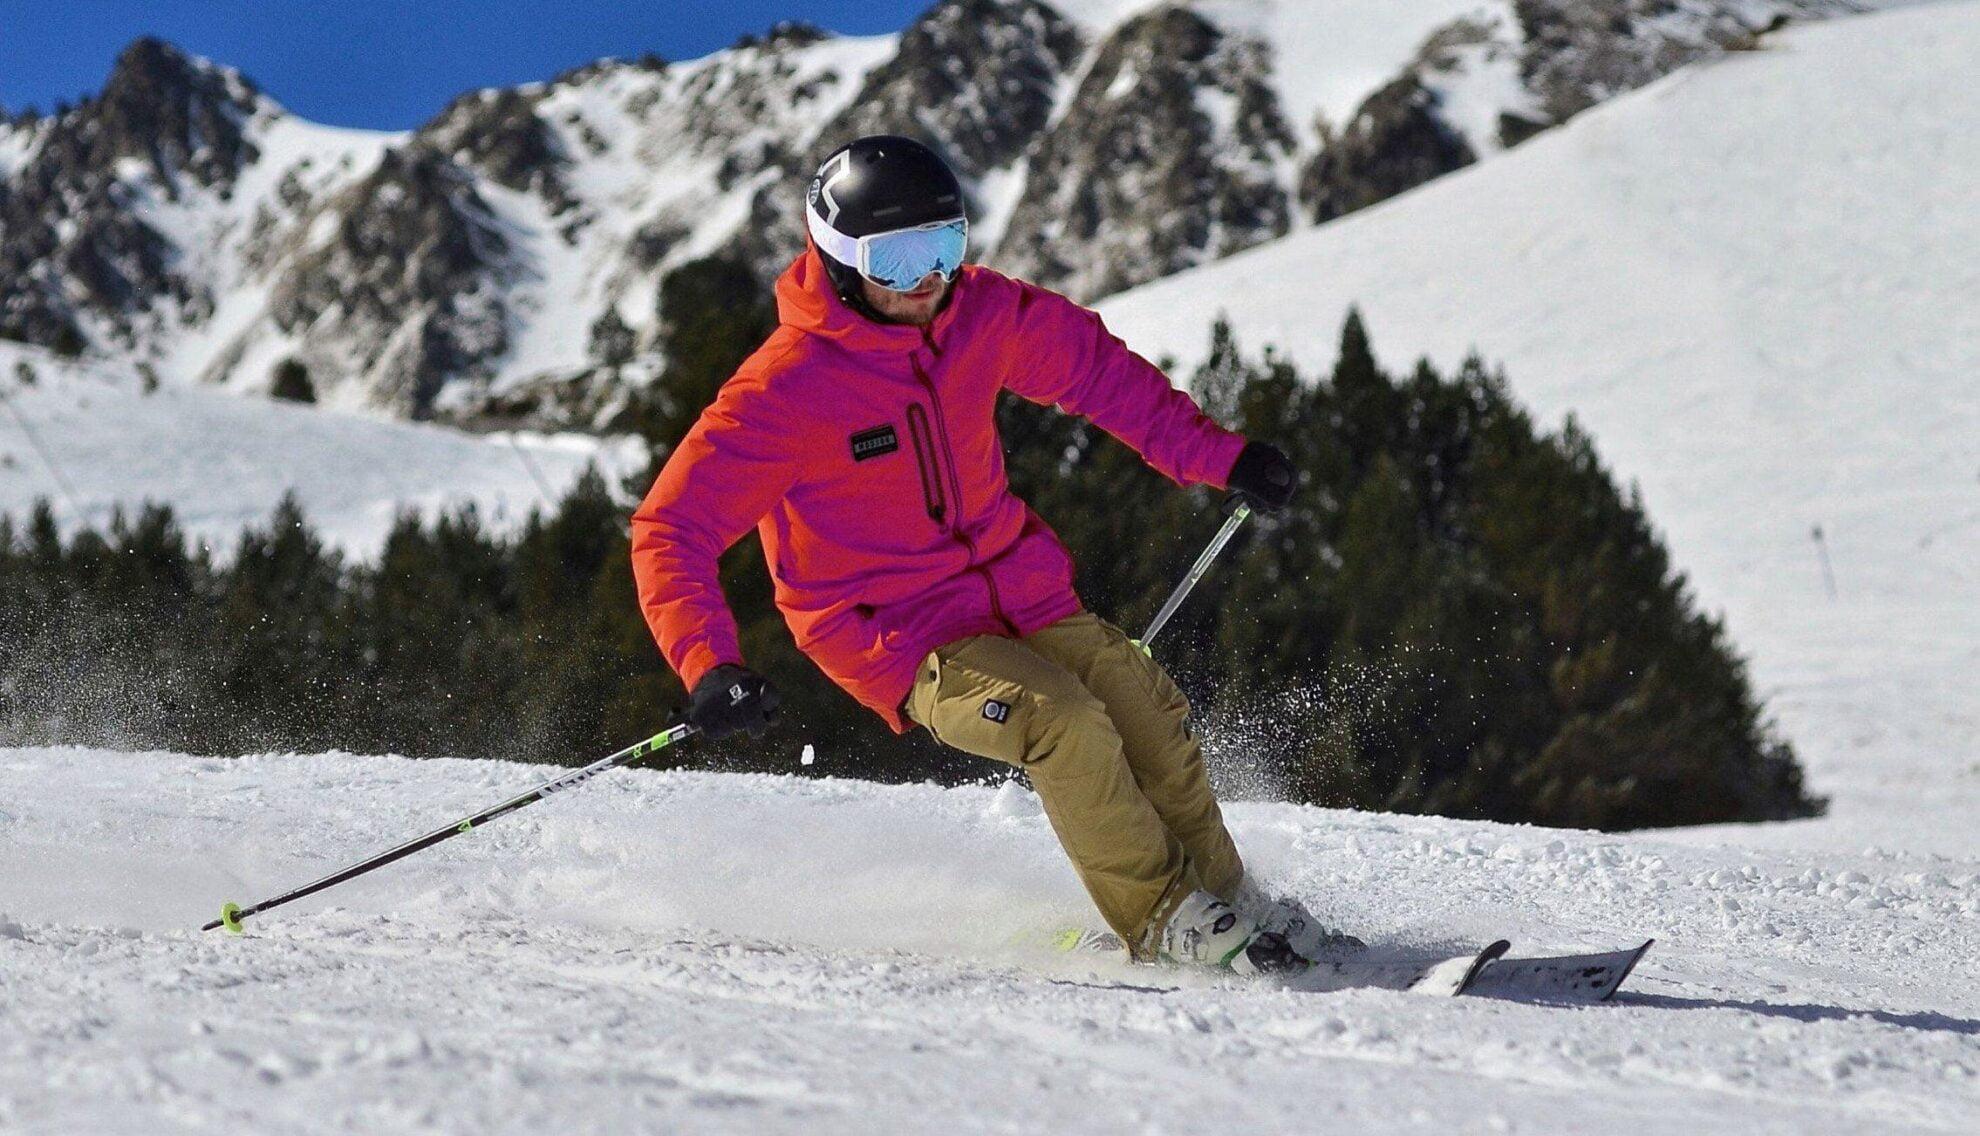 Les meilleures vestes de ski en 2022